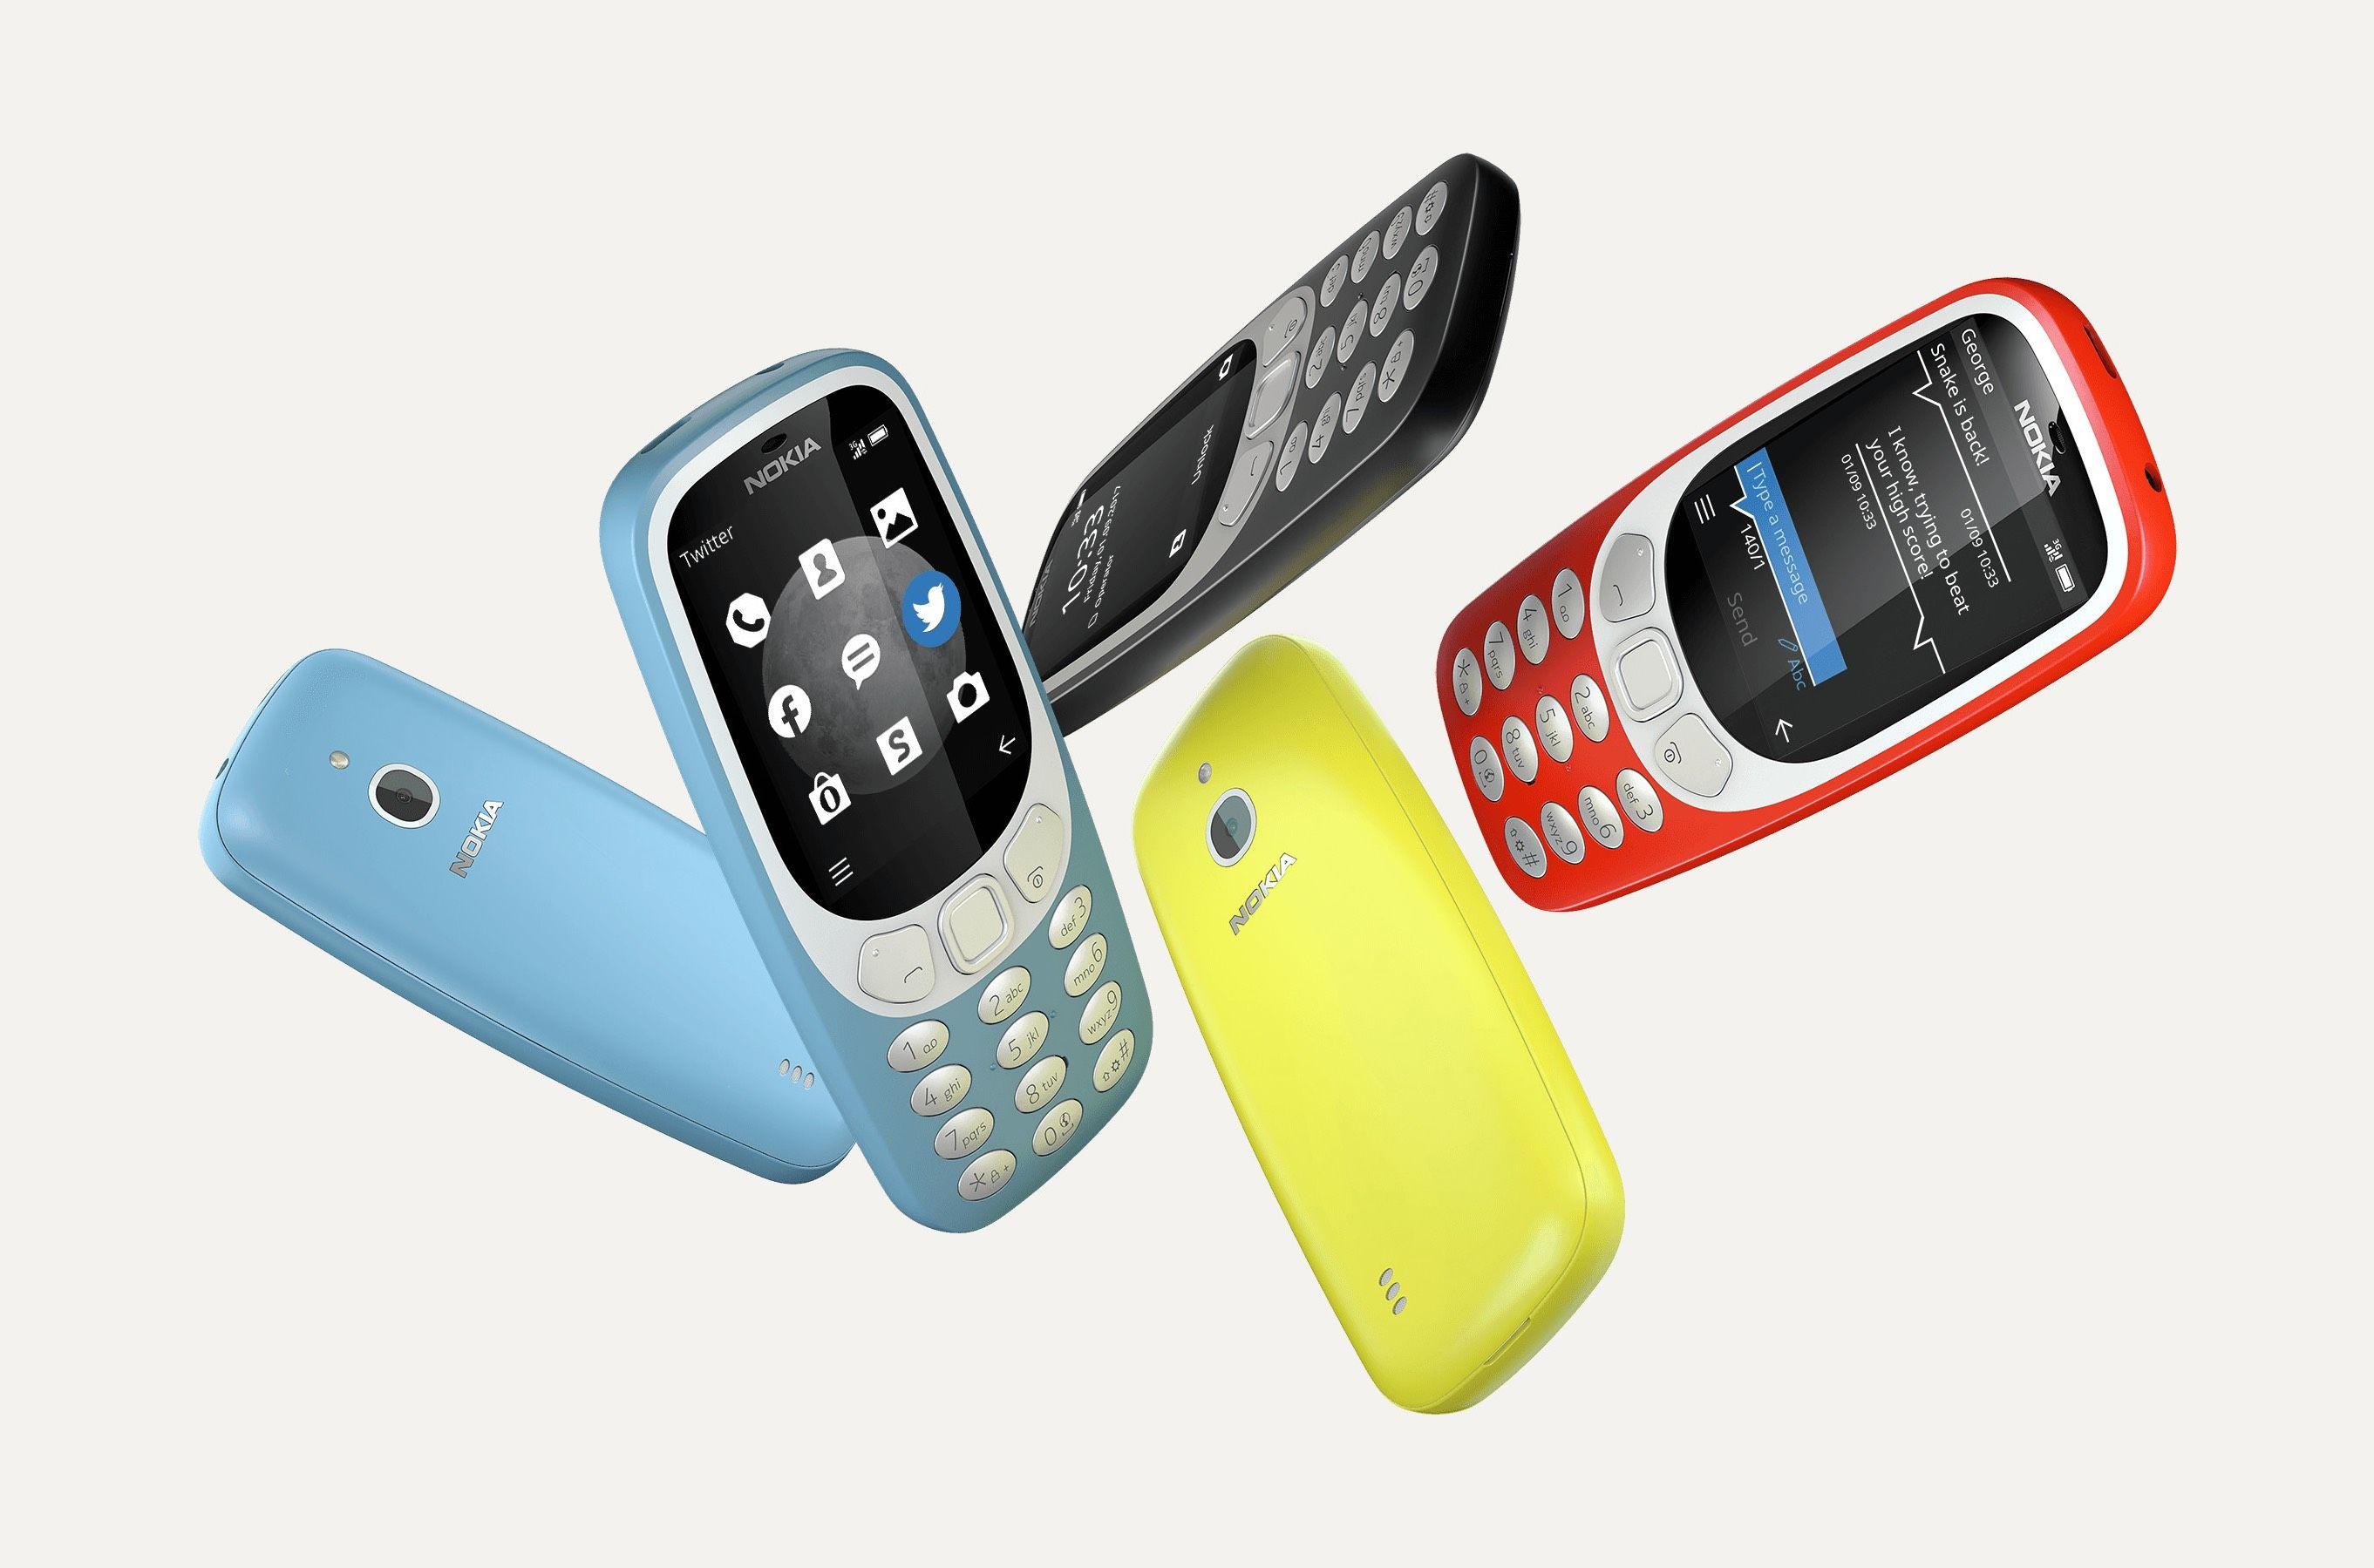 El Nokia 3310 (2017) vuelve con 3G y más memoria, pero